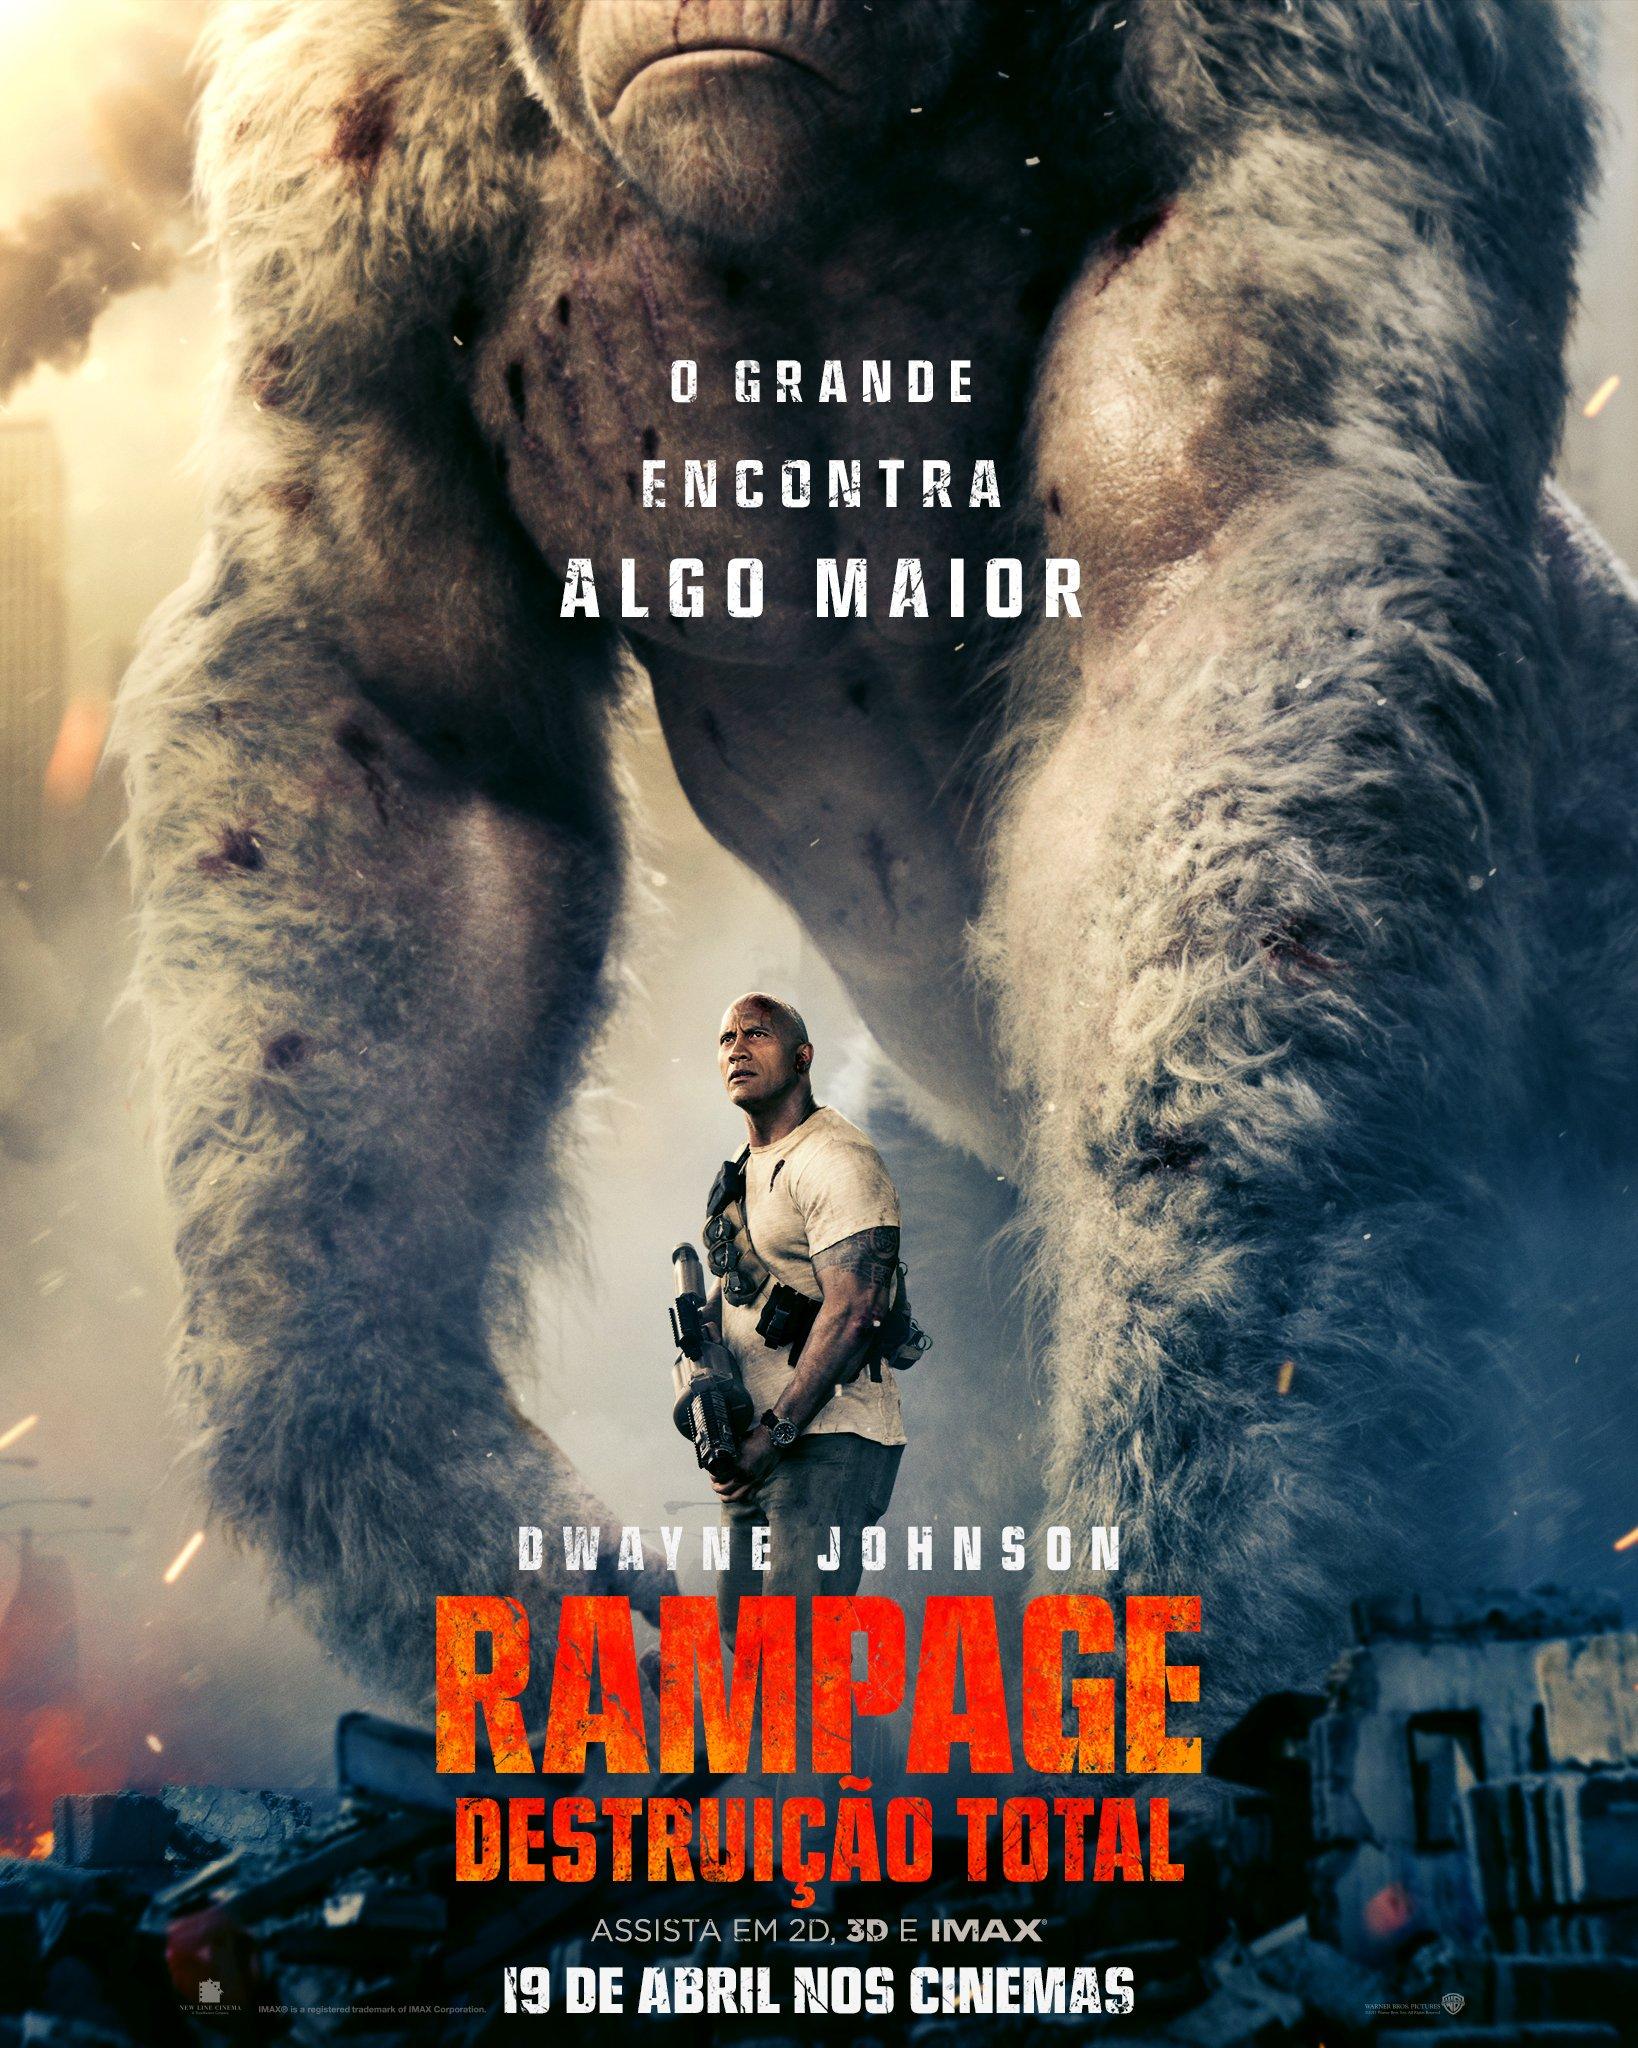 Poster de Rampage - Destruição Total